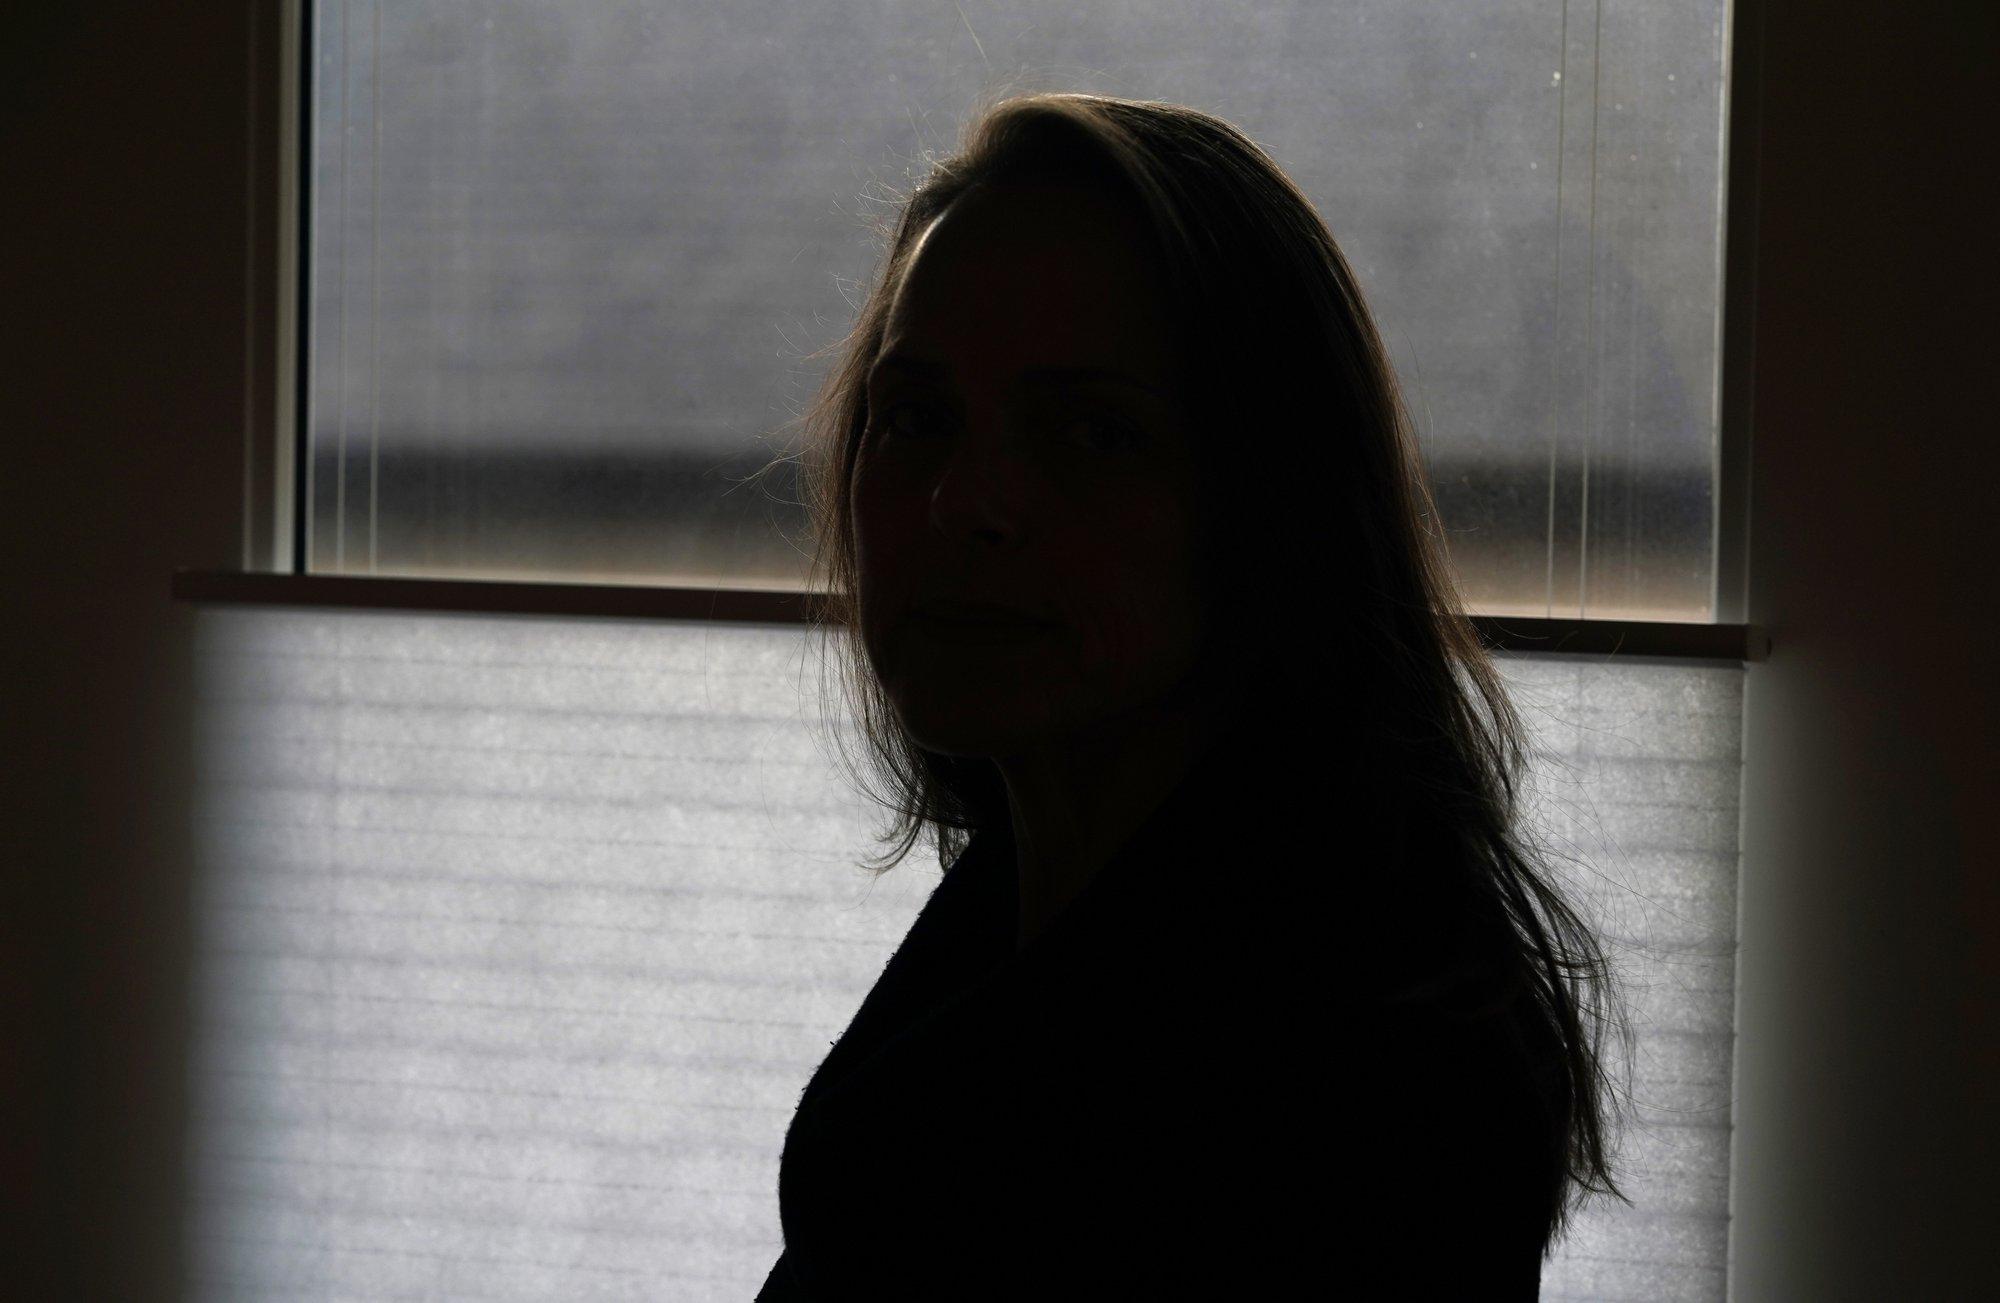 El encubrimiento de delitos sexuales remece al FBI